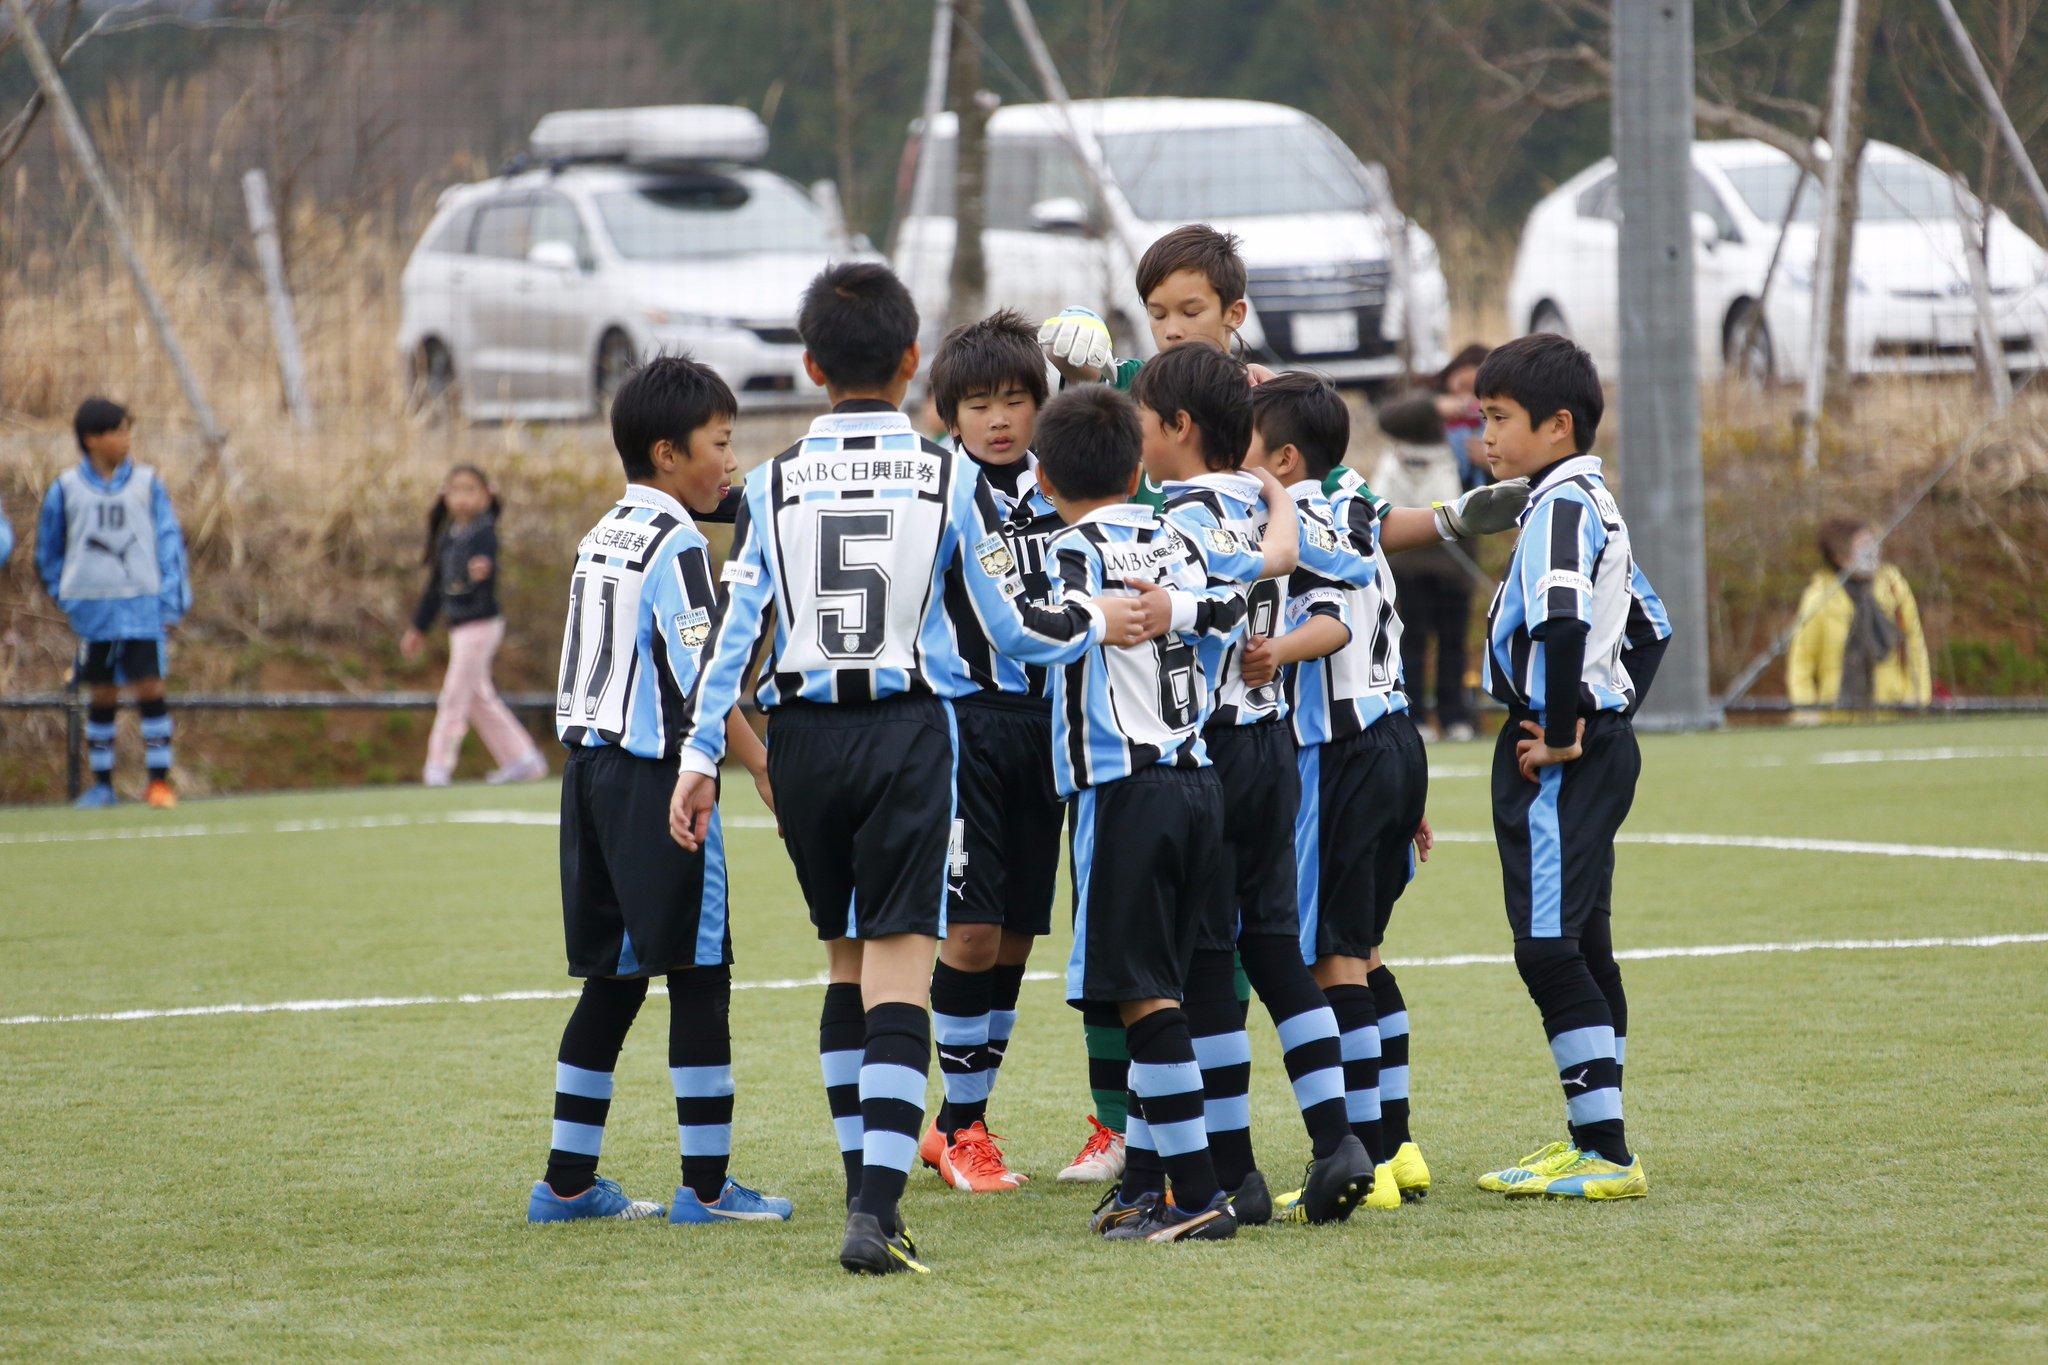 プーマ フットボール on Twitter \u0026quot;COPA PUMA TOREROS 2016 Primavera U12 時之栖スポーツセンターうさぎ島グラウンドにて本日より開催! https//t.co/AyKirixjz1